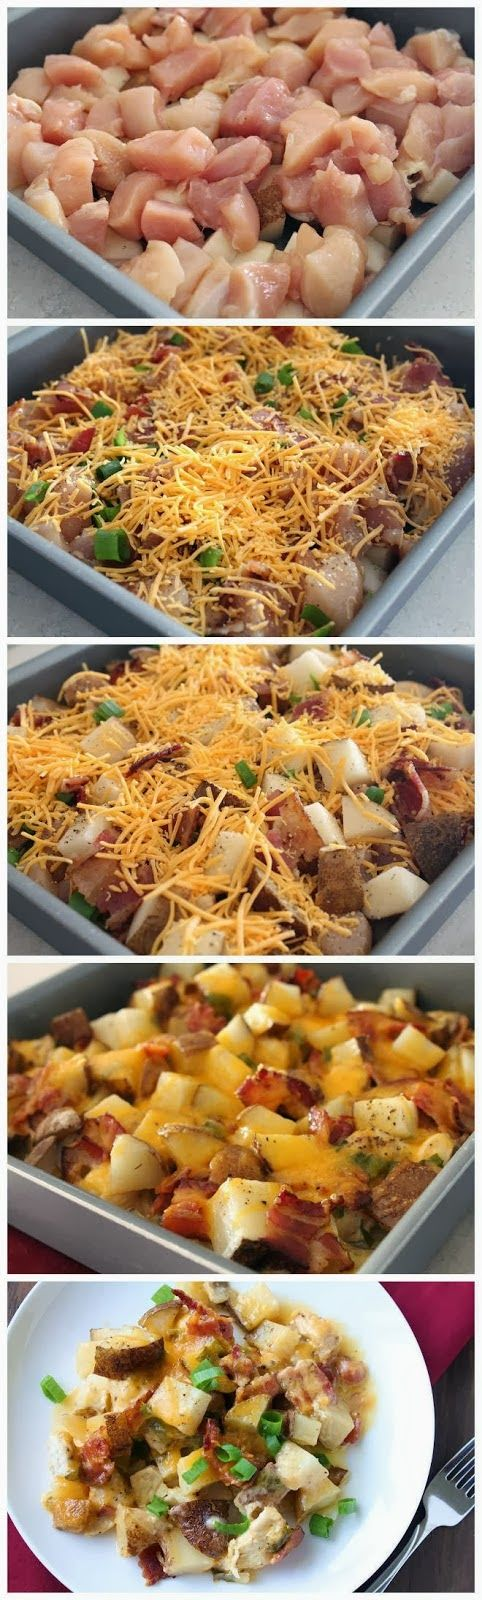 Loaded Baked Potato & Chicken Casserole |